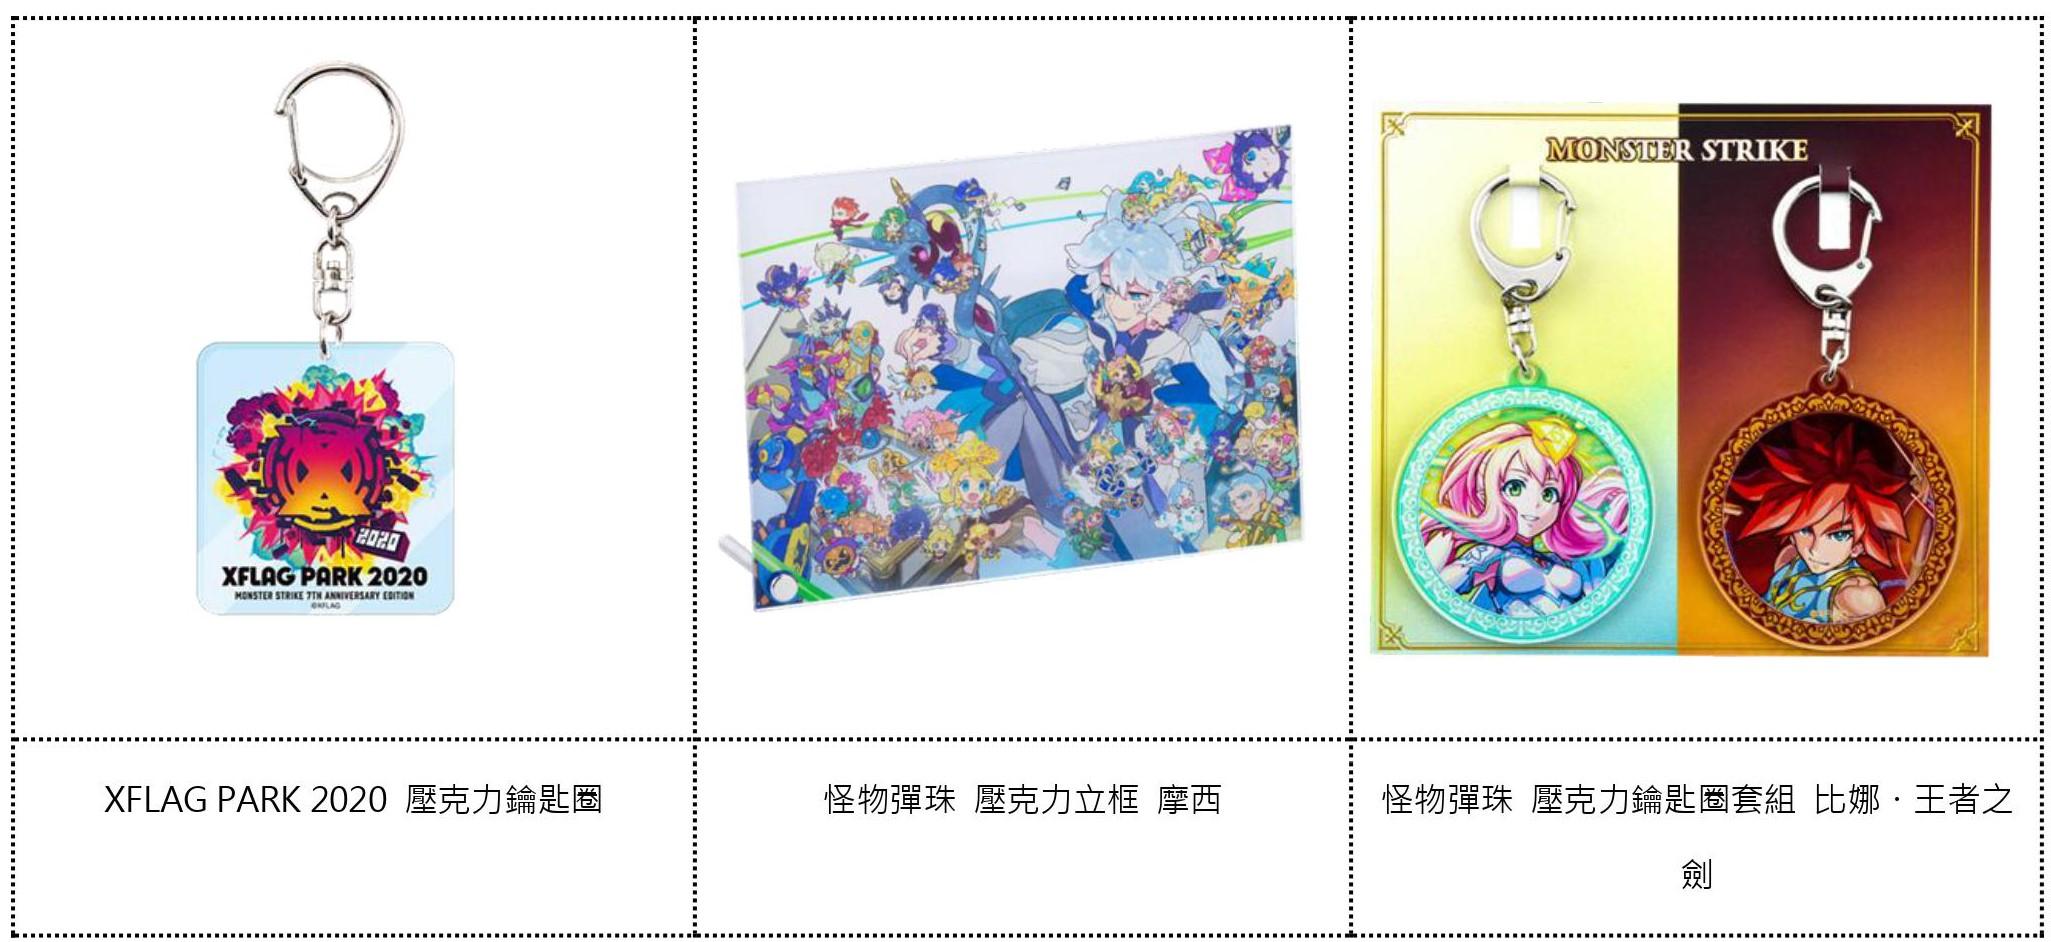 ▲創力網路商城即將先行開賣怪物彈珠官方授權的各項日本進口商品